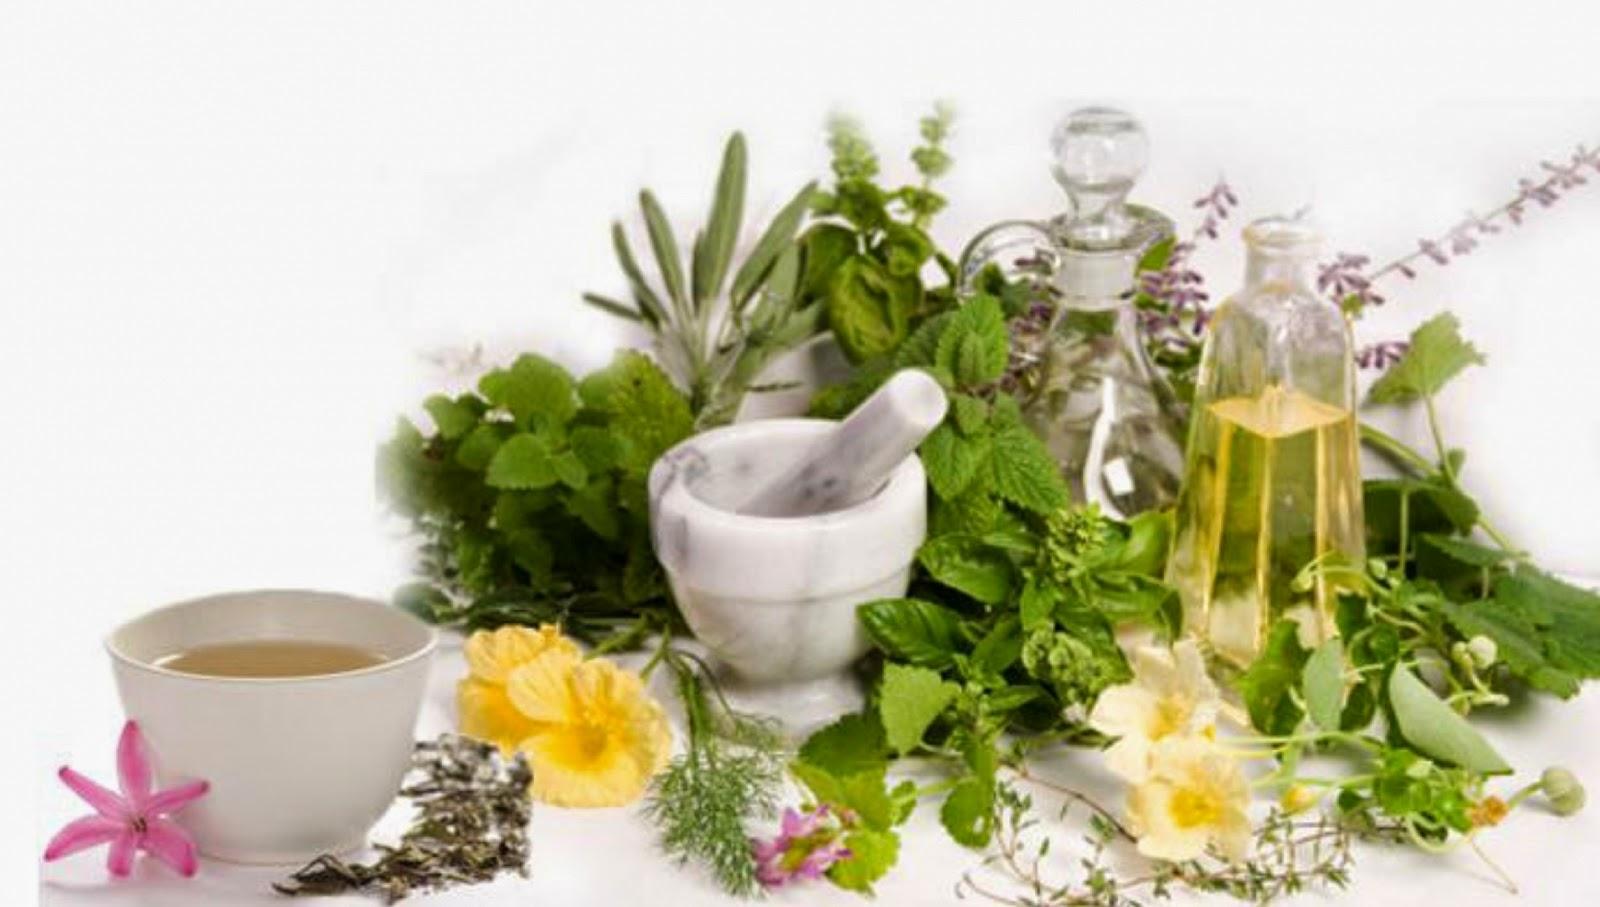 Sử dụng các loại tinh dầu thiên nhiên sẽ giúp cho tóc nhanh dài và dày